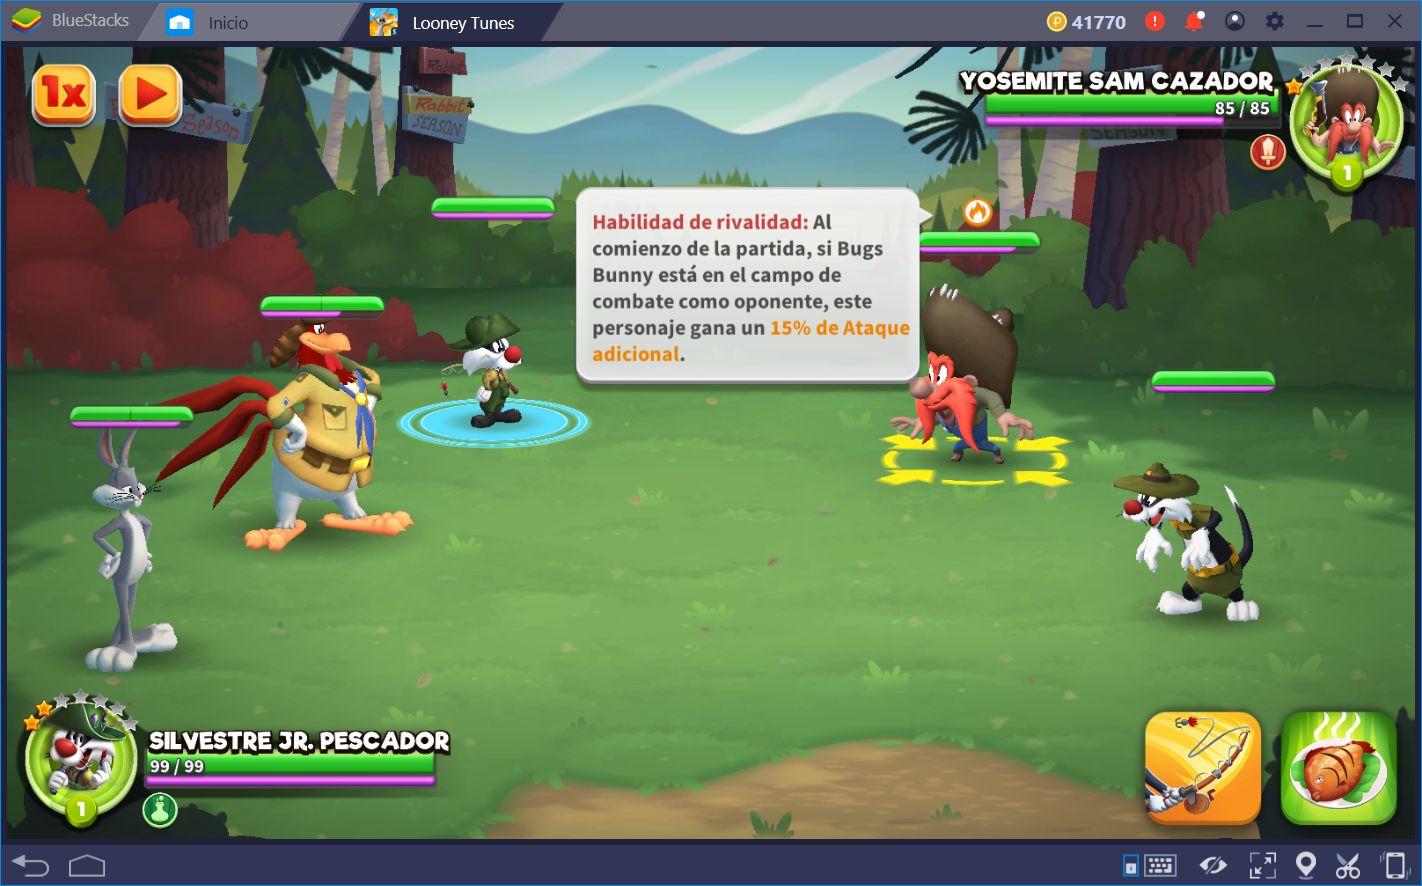 Los Mejores Personajes de Looney Tunes: World of Mayhem